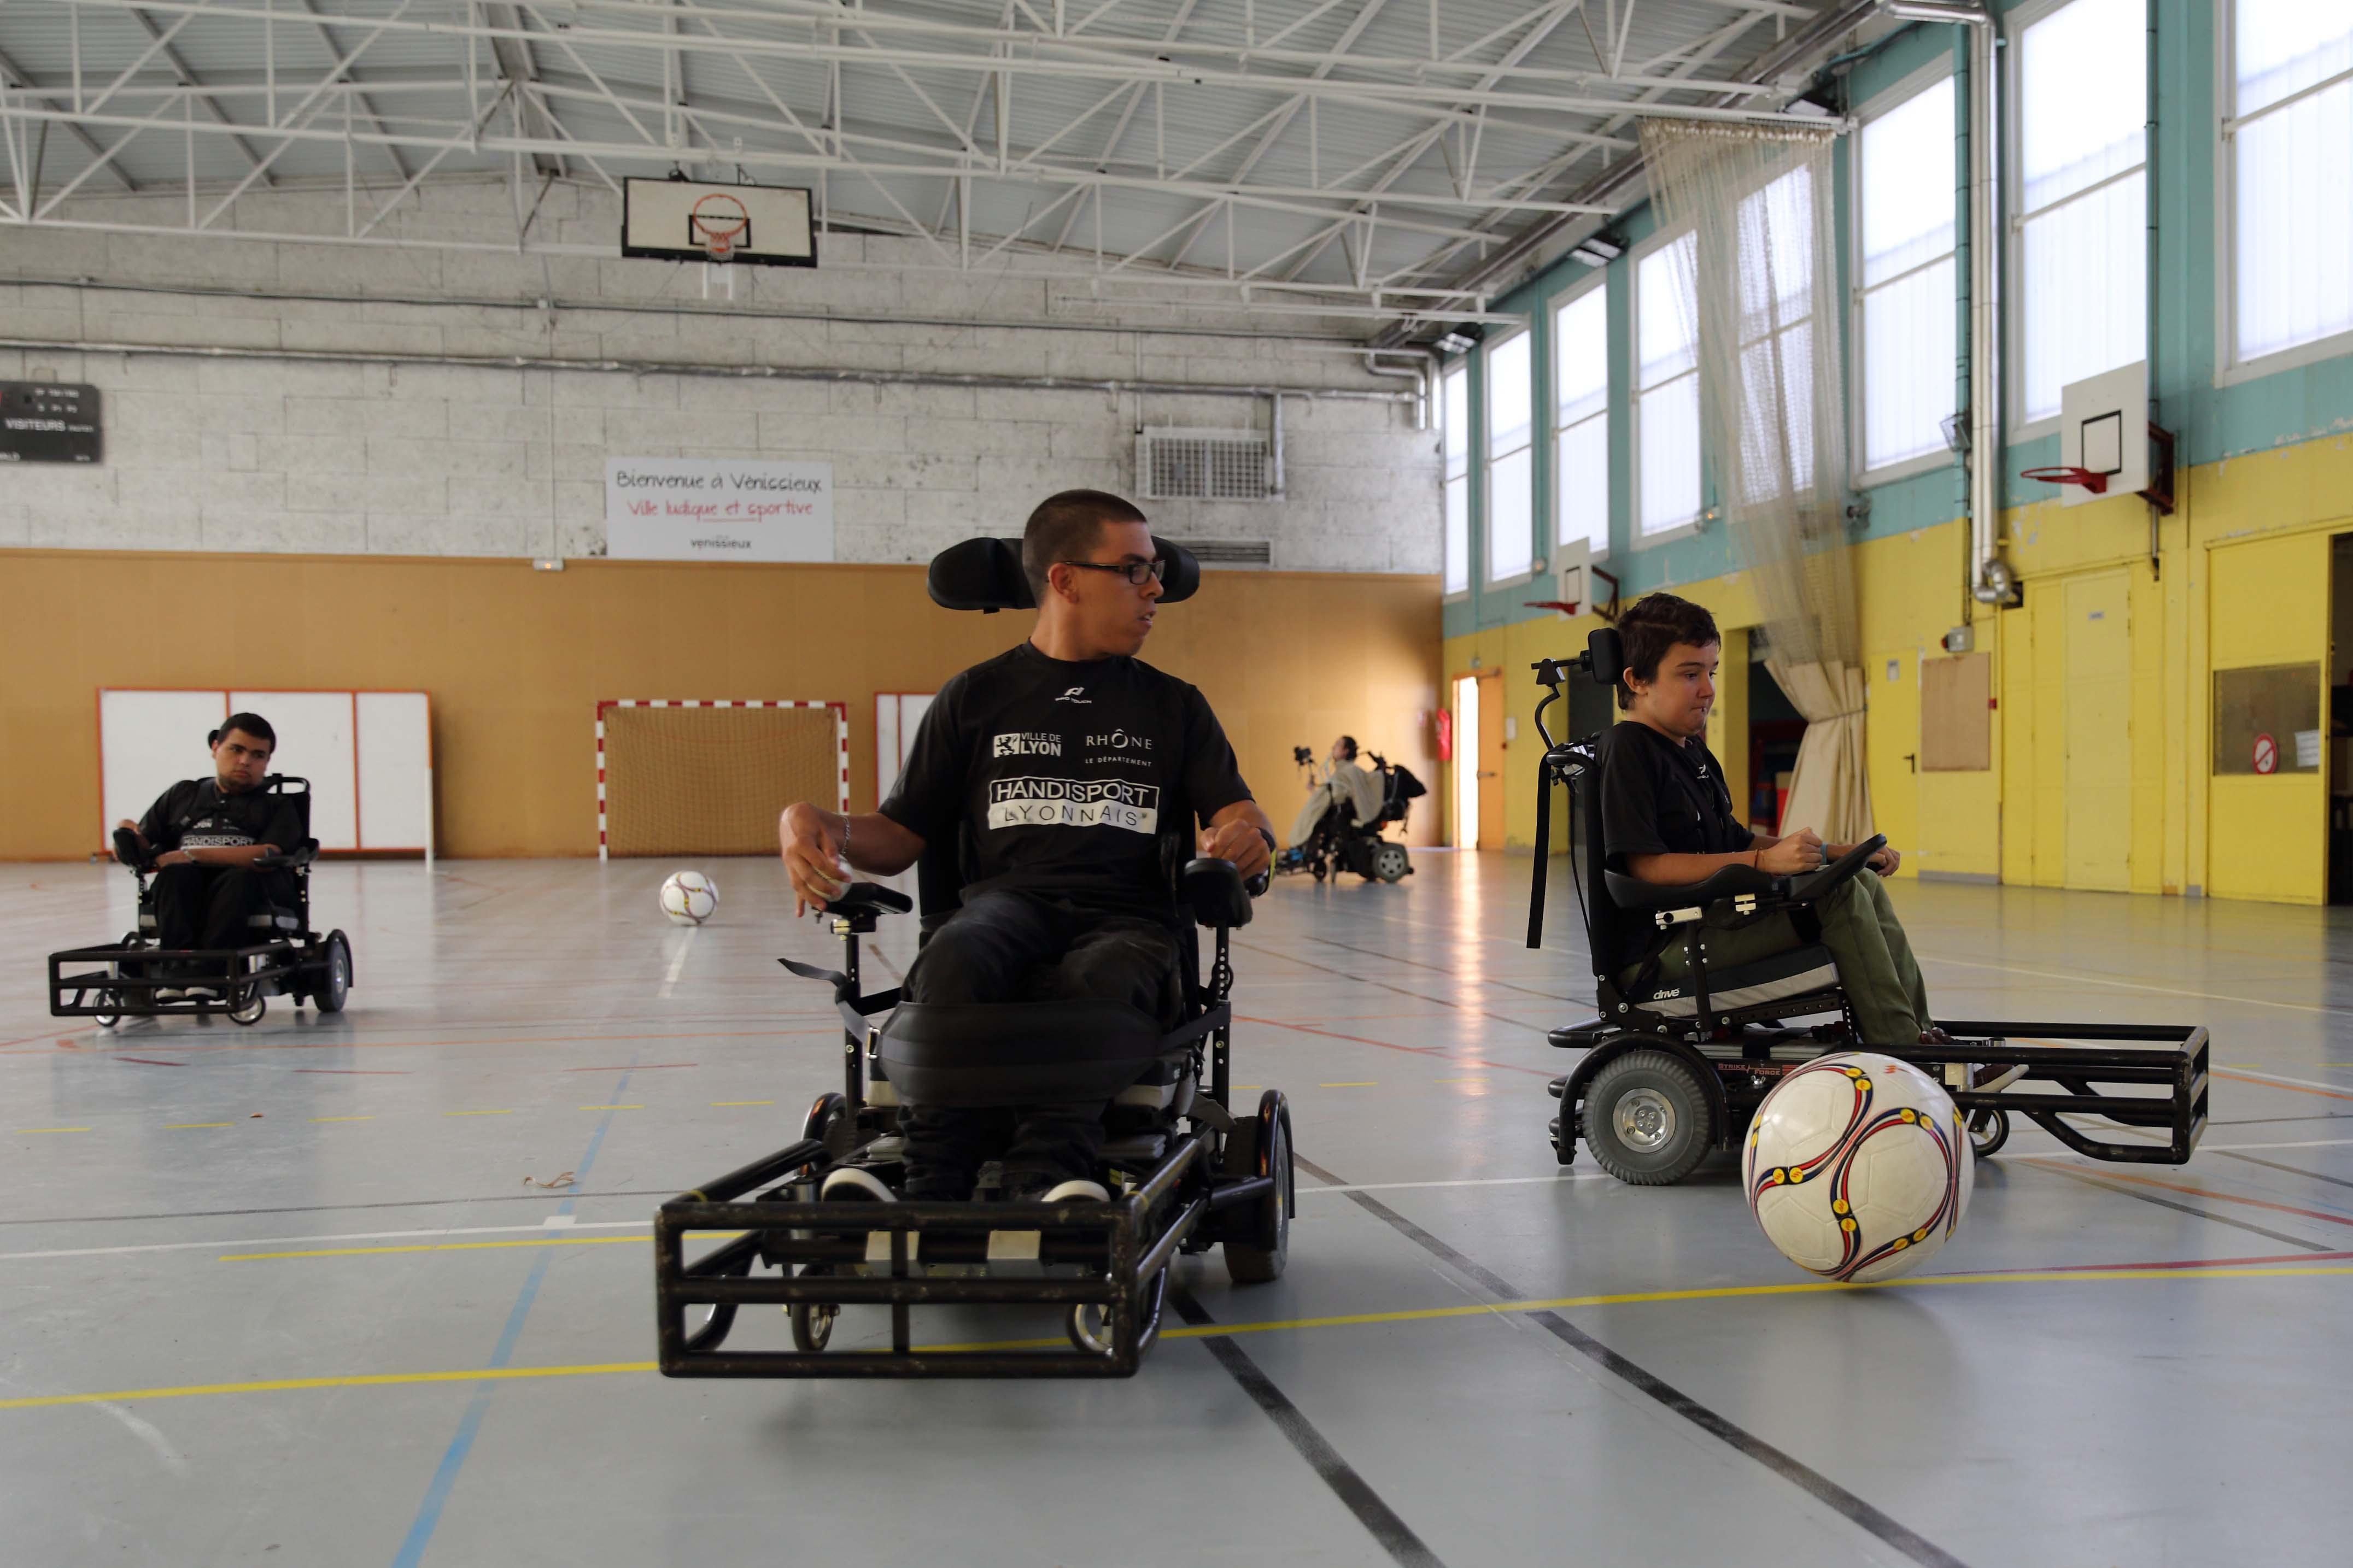 Lyonnais Fauteuil Lyonnais Fauteuil Fauteuil Foot Handisport Handisport Foot Foot hdCtrsQ